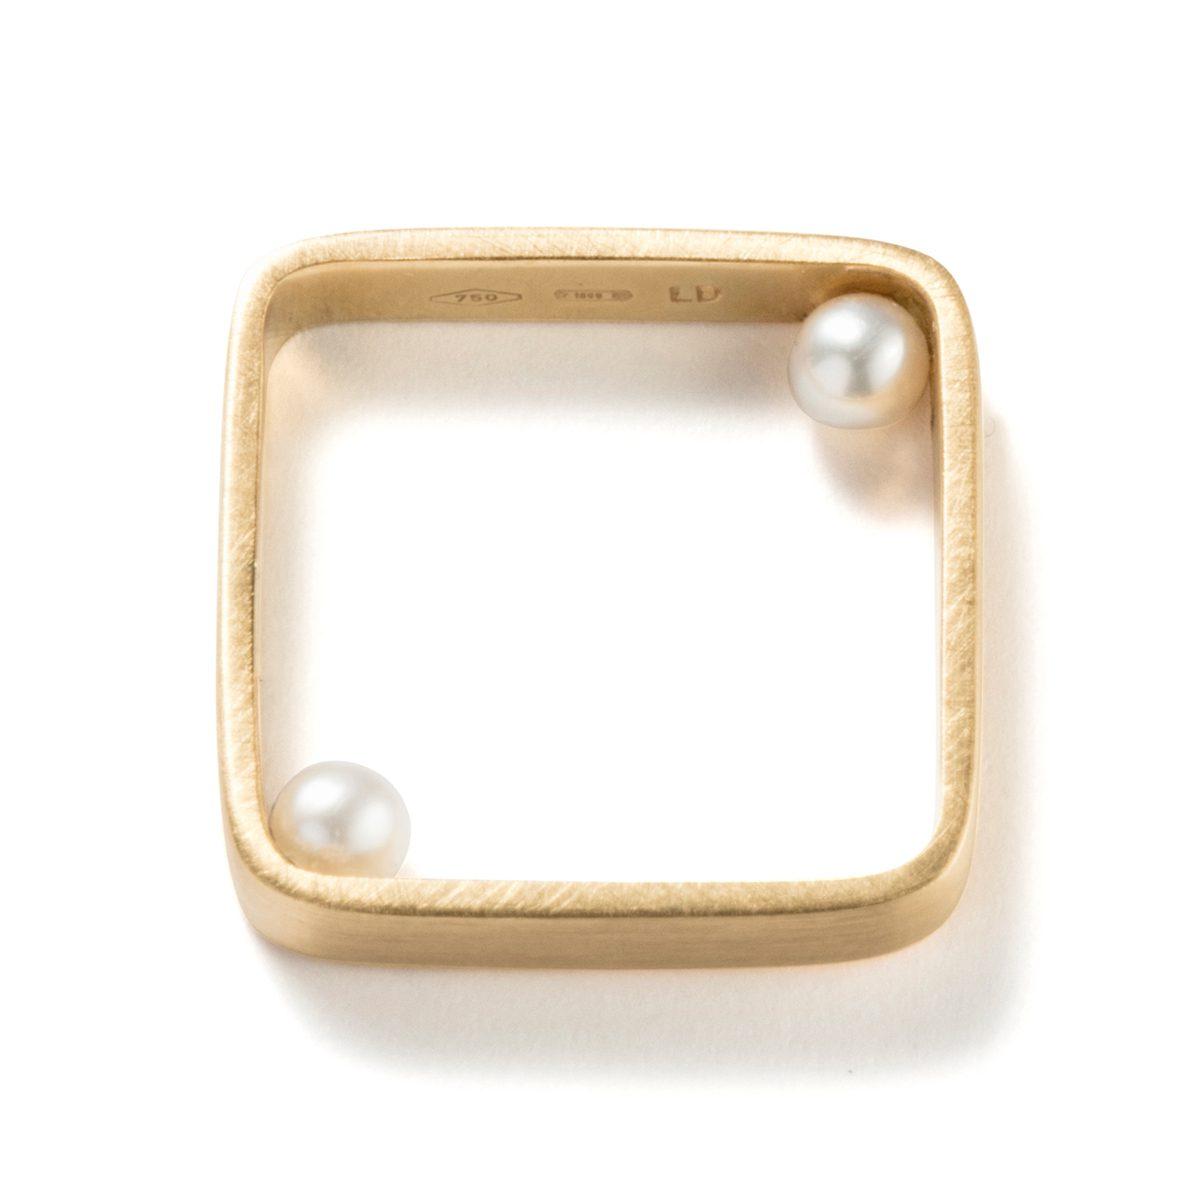 Lia Di Gregorio - Touch Ring-Square|Rings